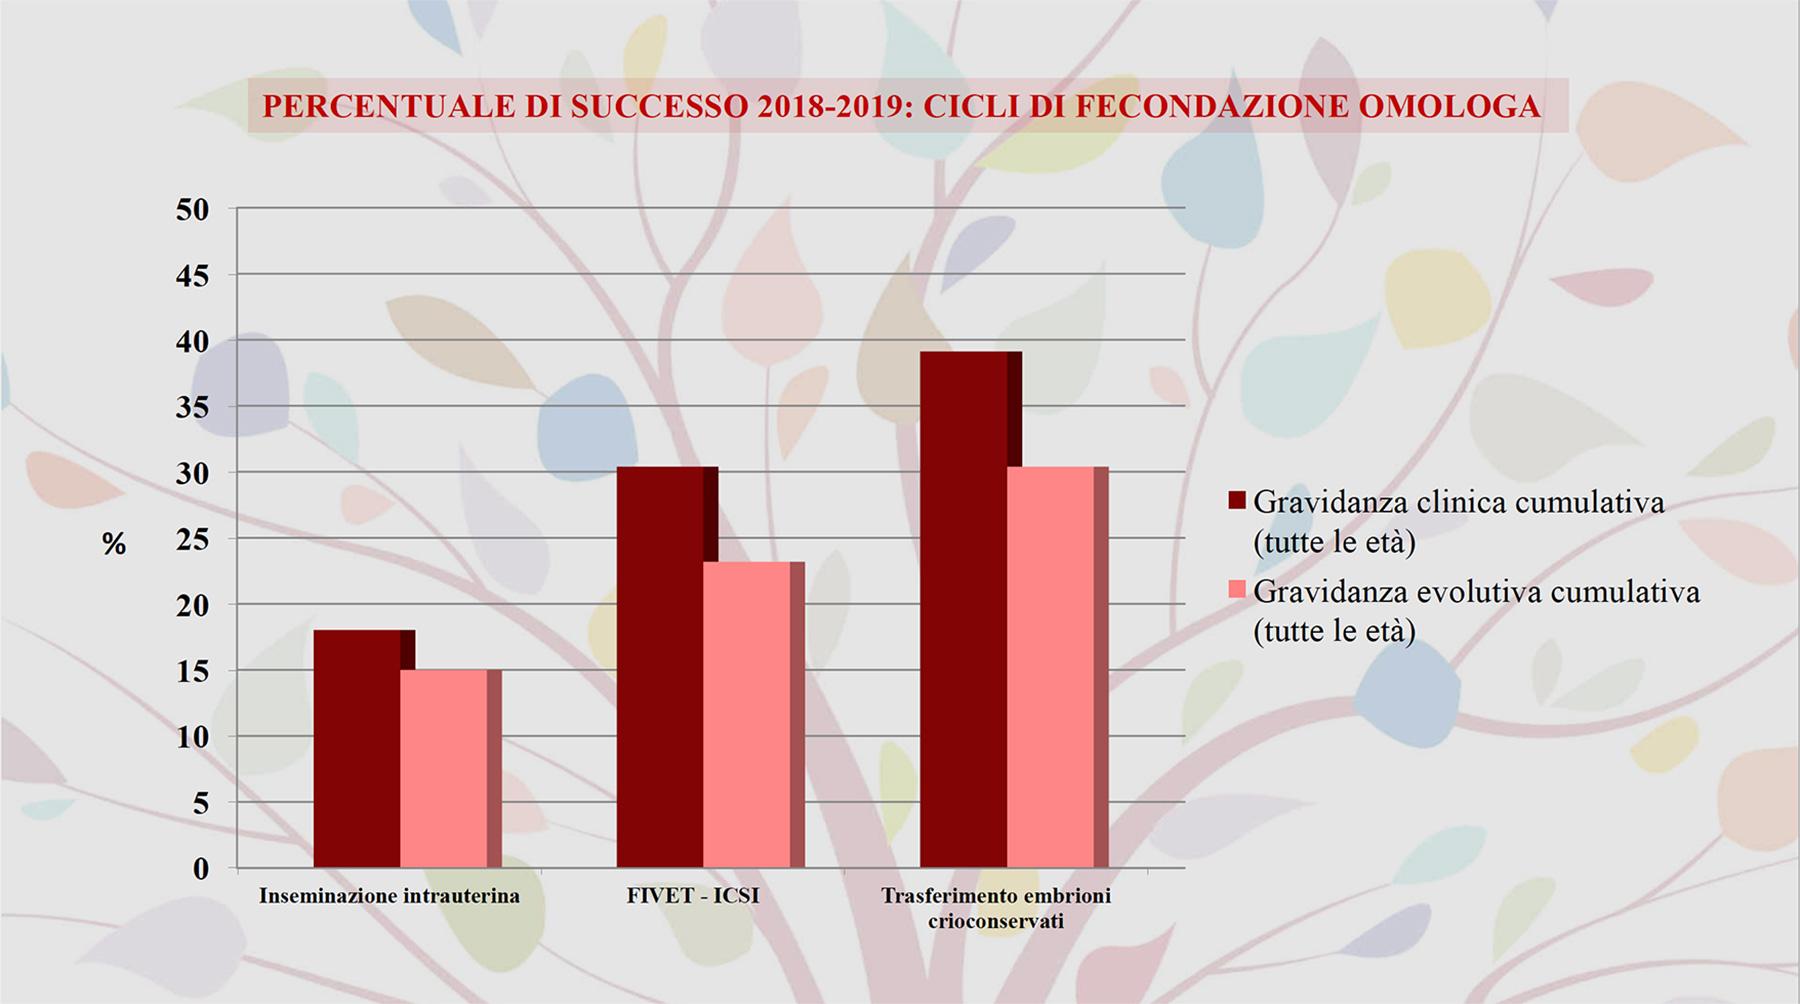 Grafico Percentuale di Successo di Fecondazione Omologa 2018/2019 del Centro PMA Palmer.